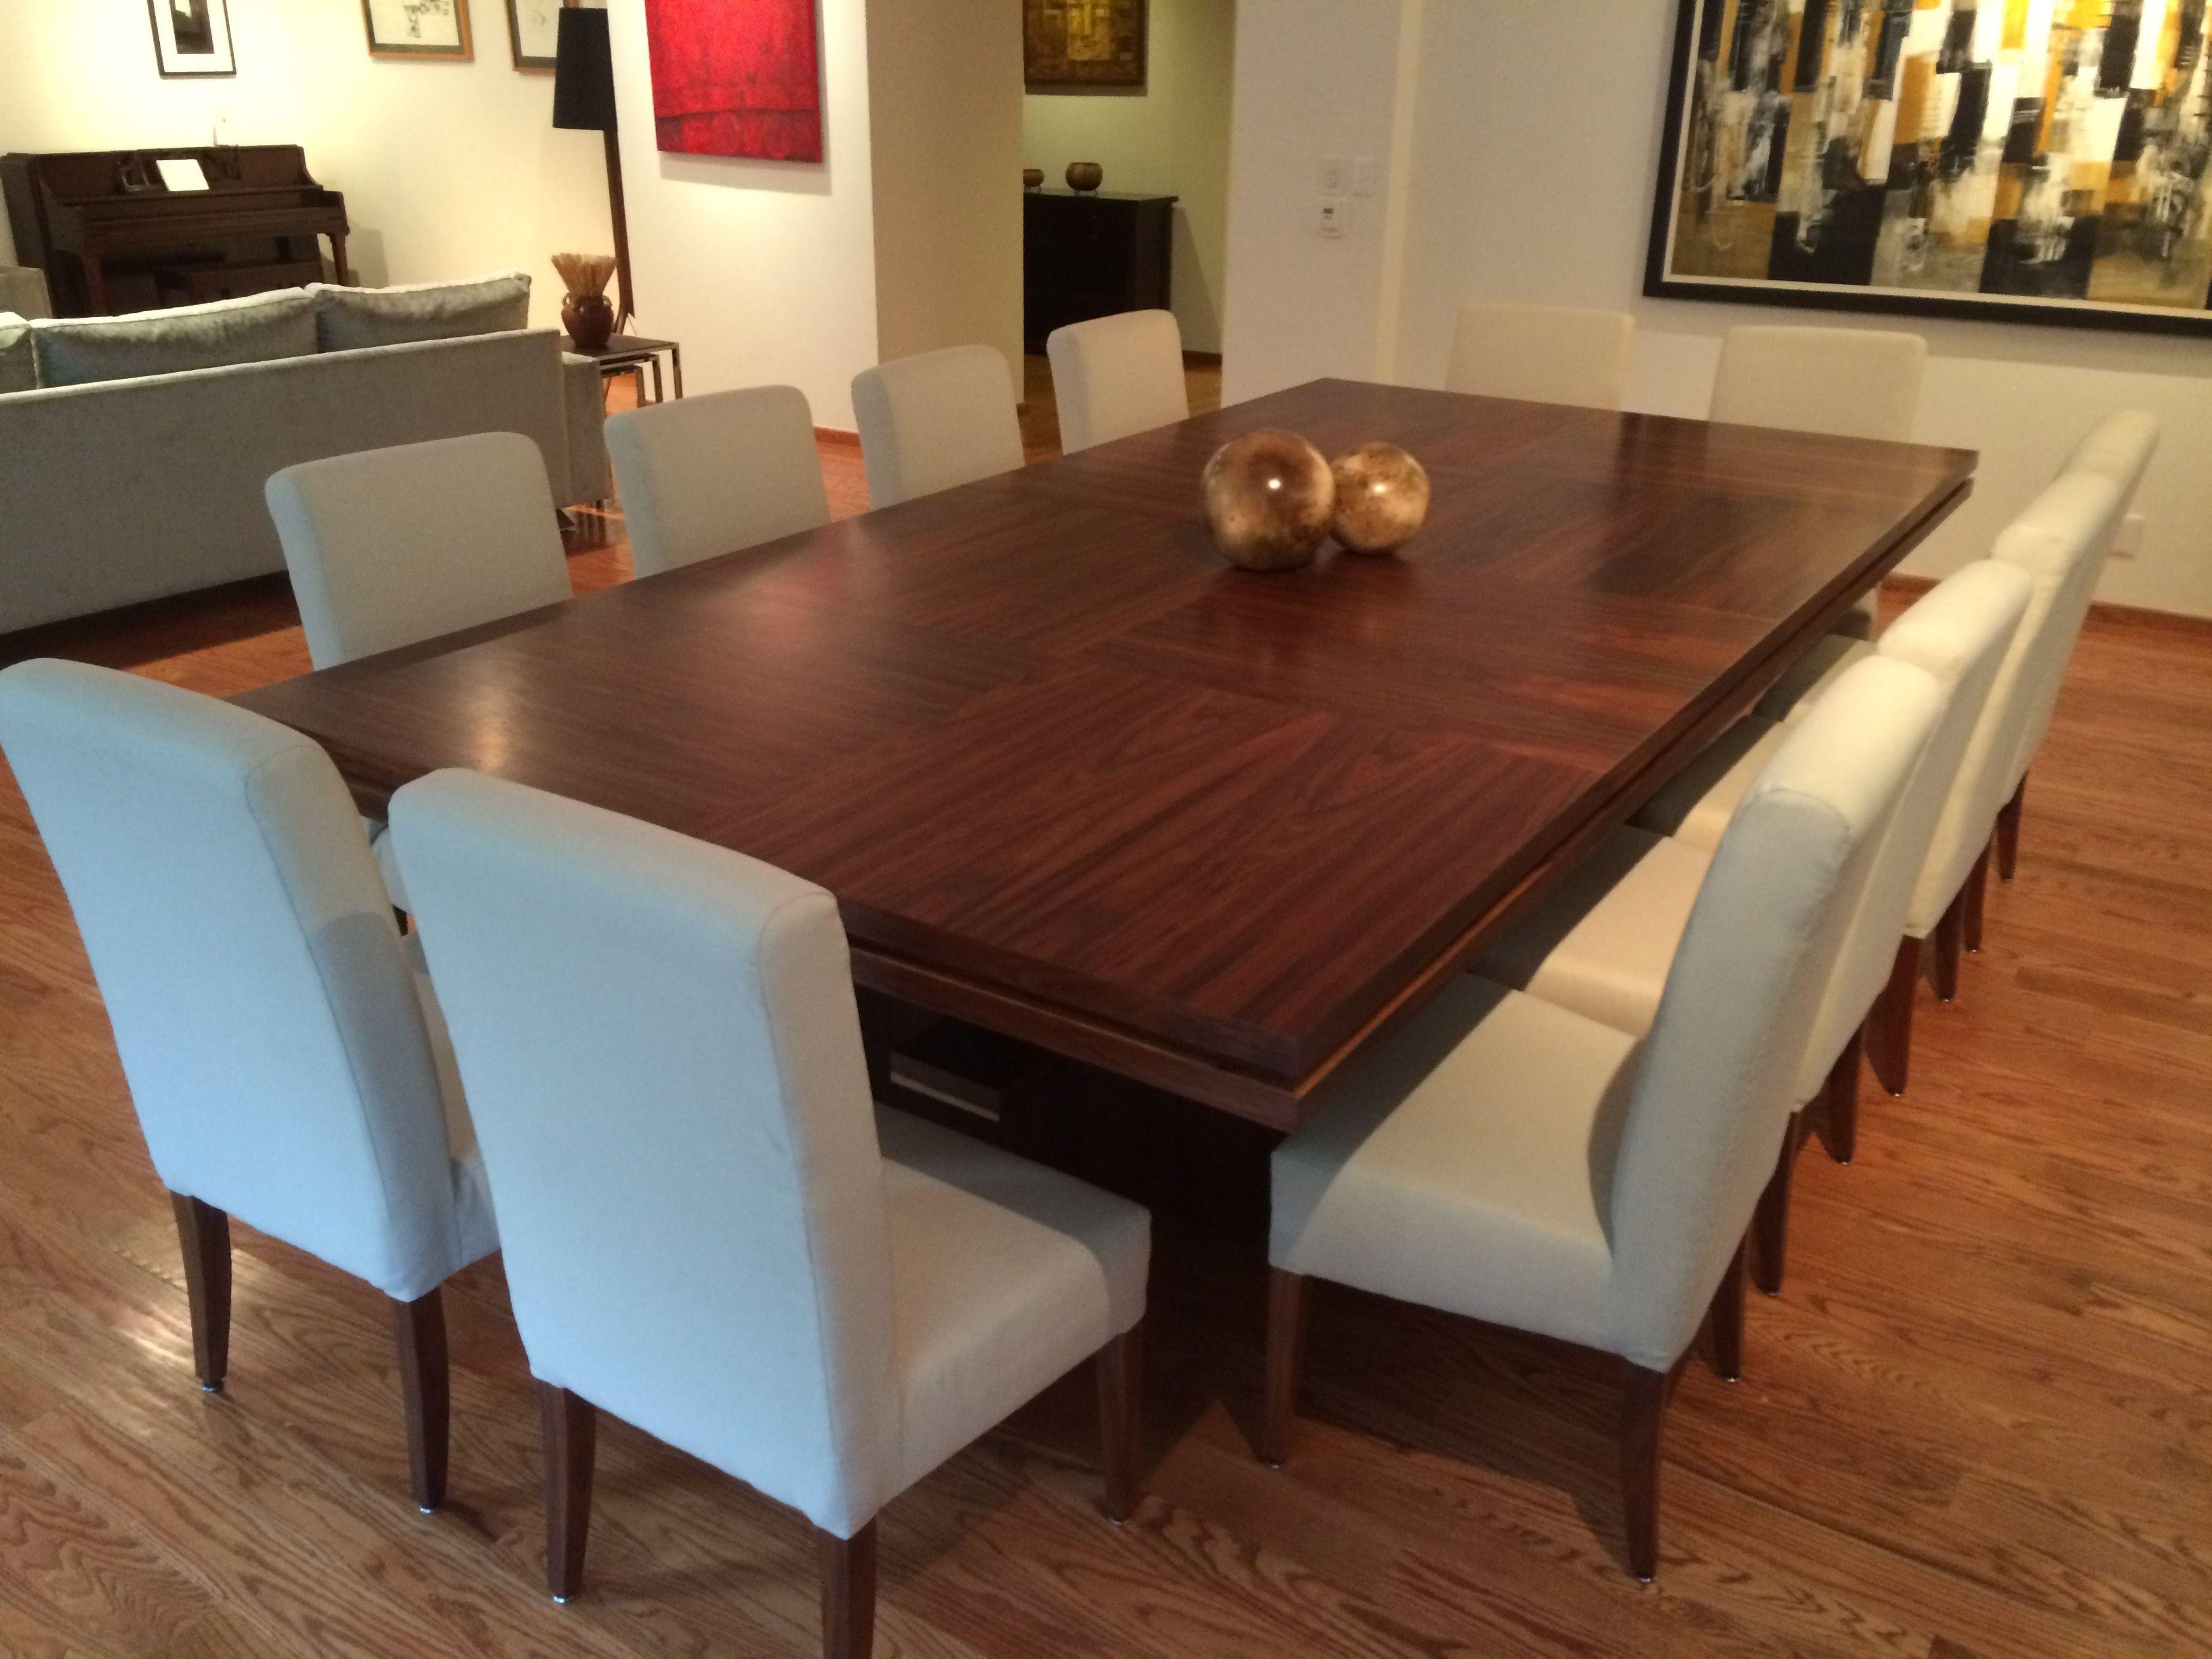 Mesa de comedor fabricada en chapa de madera de tzalam - Mesa de comedor ...